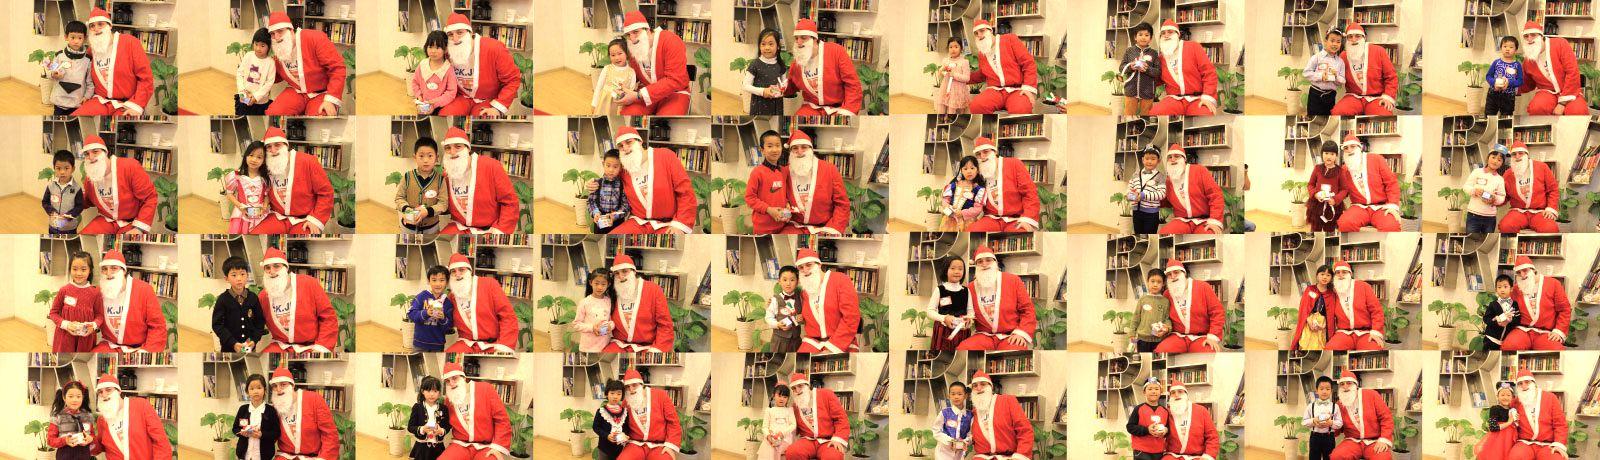 2013年圣诞晚会